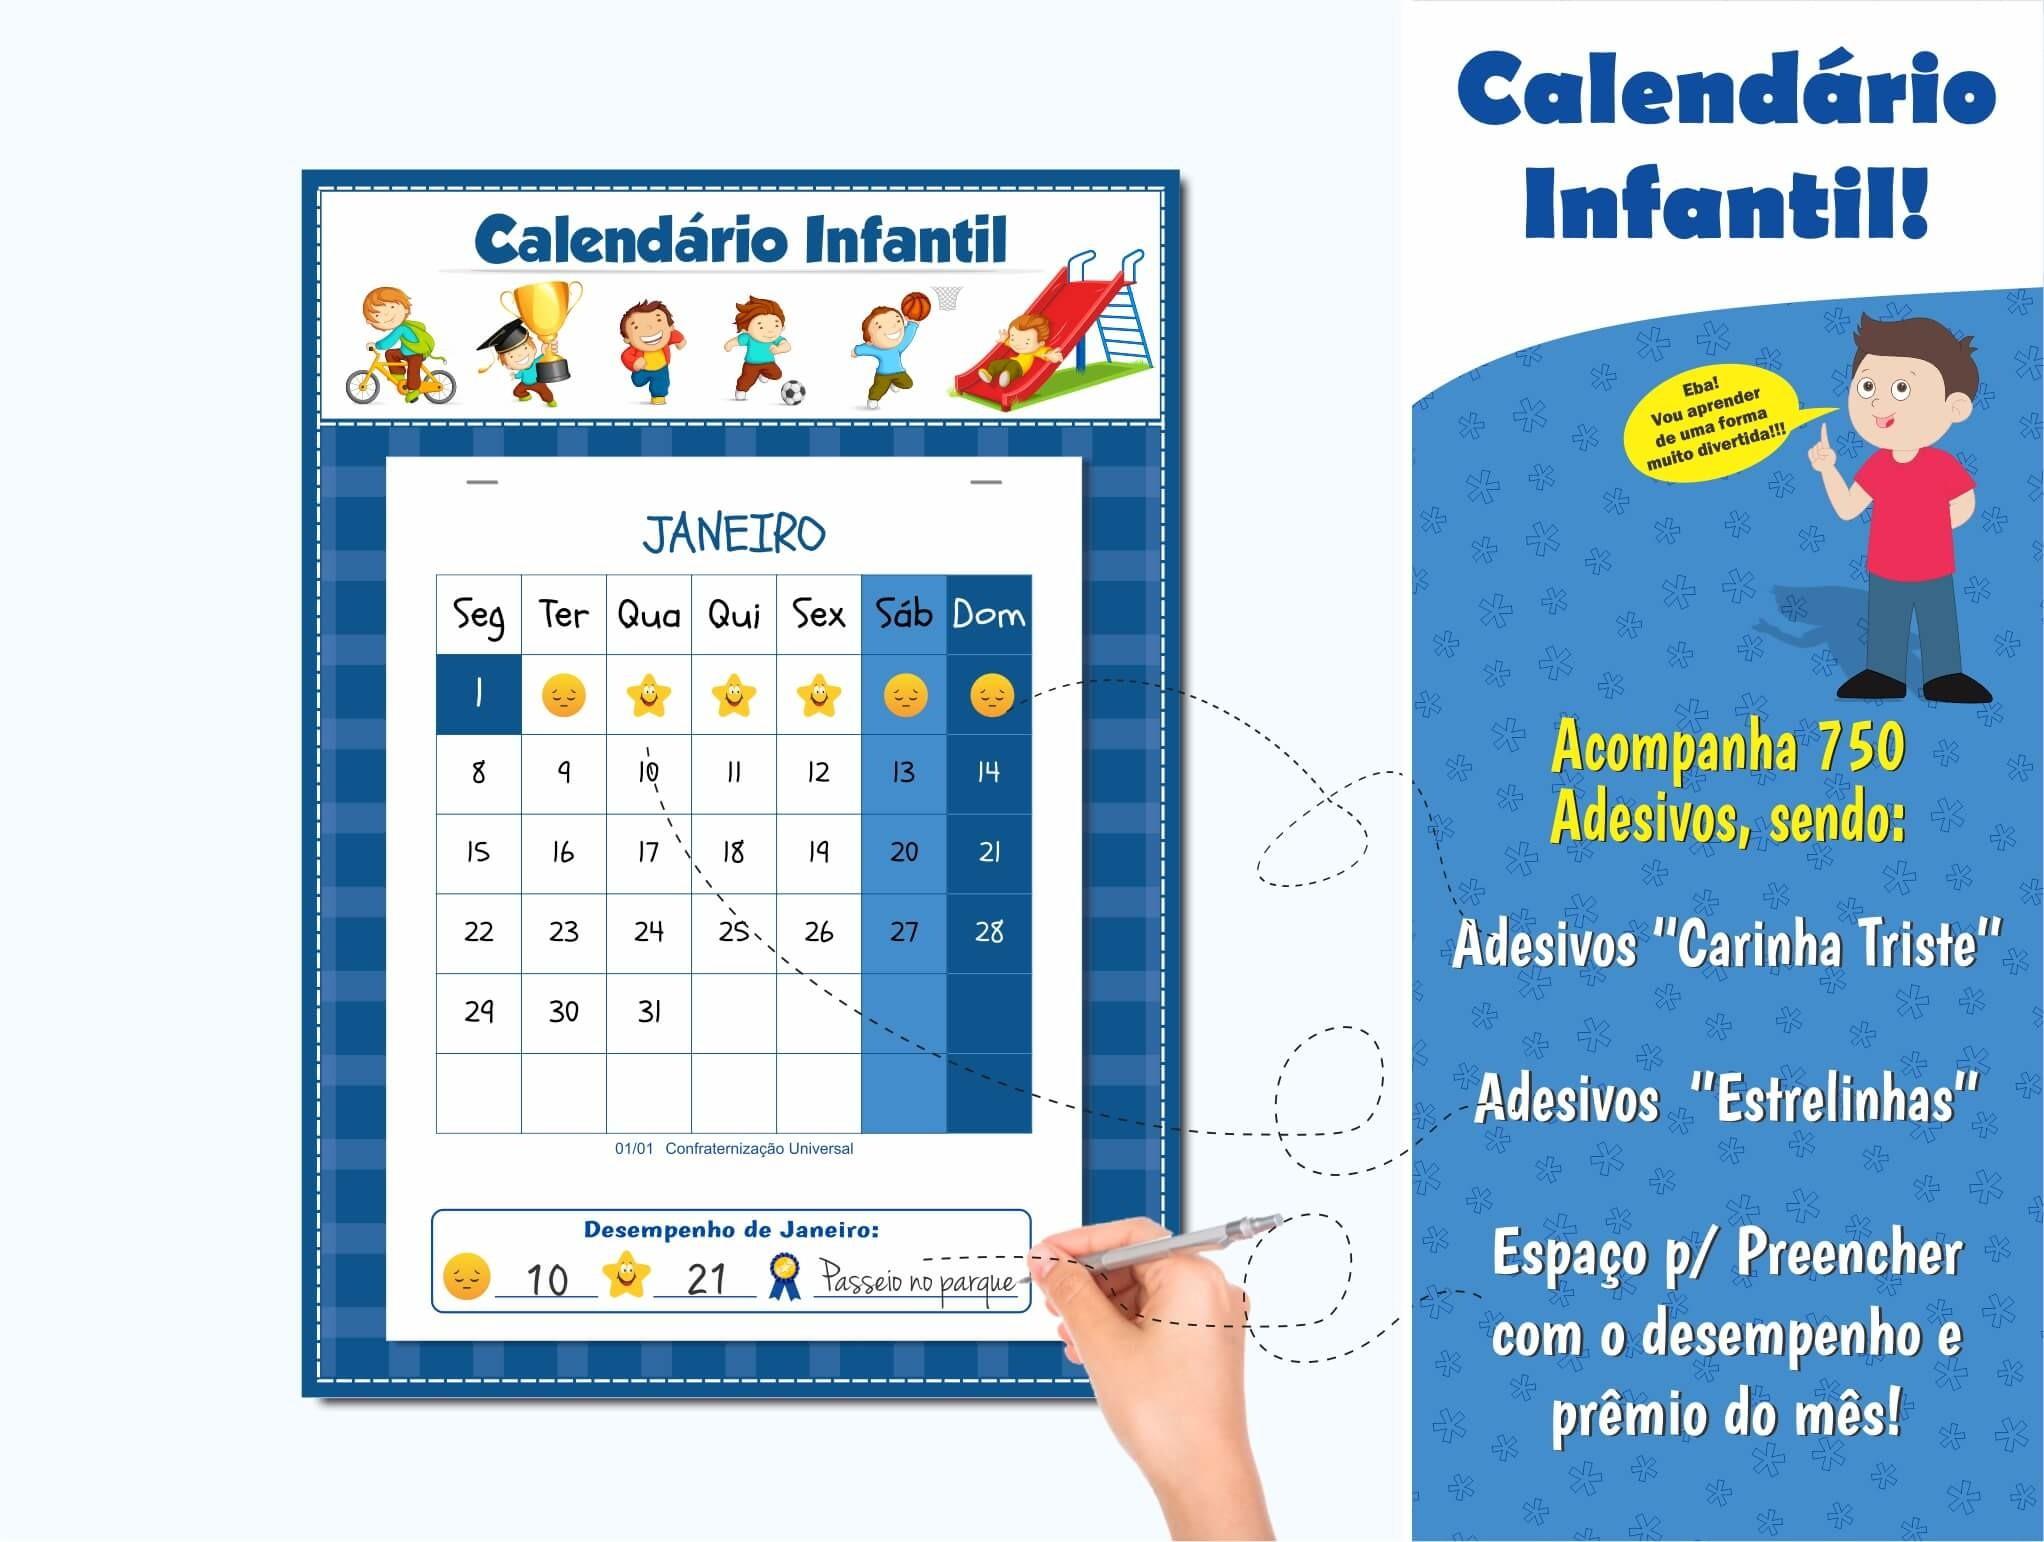 Calendario Letivo 2019 Bahia Más Caliente Calendário Educa§£o Infantil Of Calendario Letivo 2019 Bahia Más Populares Manual Do Estudante 2018 by Universidade Federal Do Esprito Santo